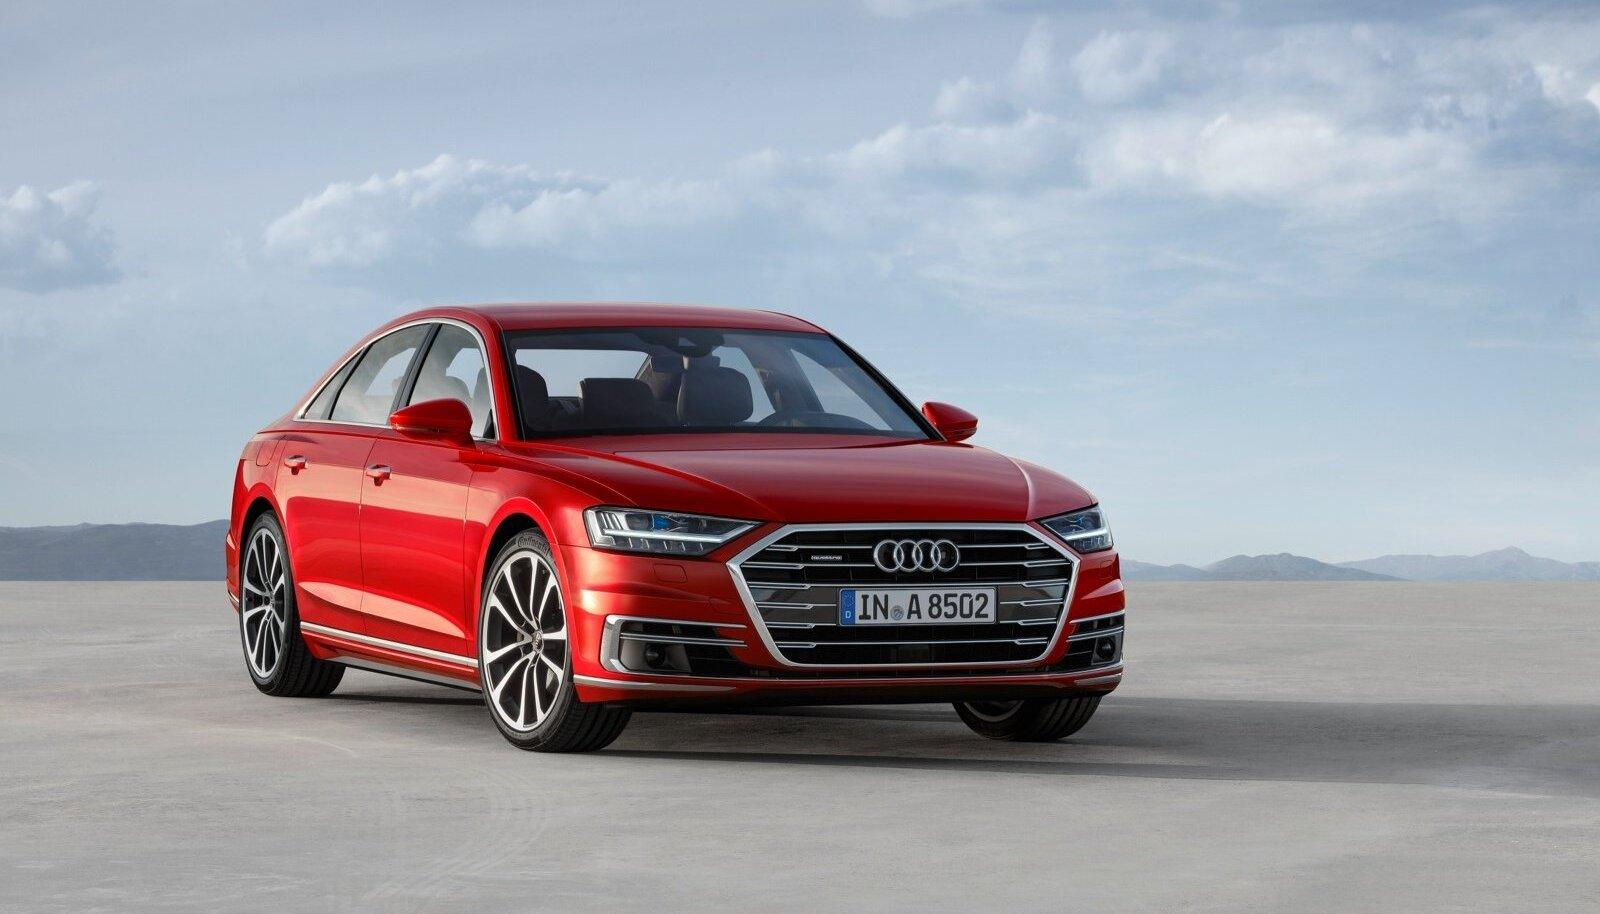 Uus A8 on kõigi aegade tehnikarikkam Audi, mis lipulaevana toob esindusmargi valikusse nii uue disainifilosoofia, uued juhiabid kui ka puutetundlikud ekraanid. Kuid kõige rohkem pakub head sõiduelamust.